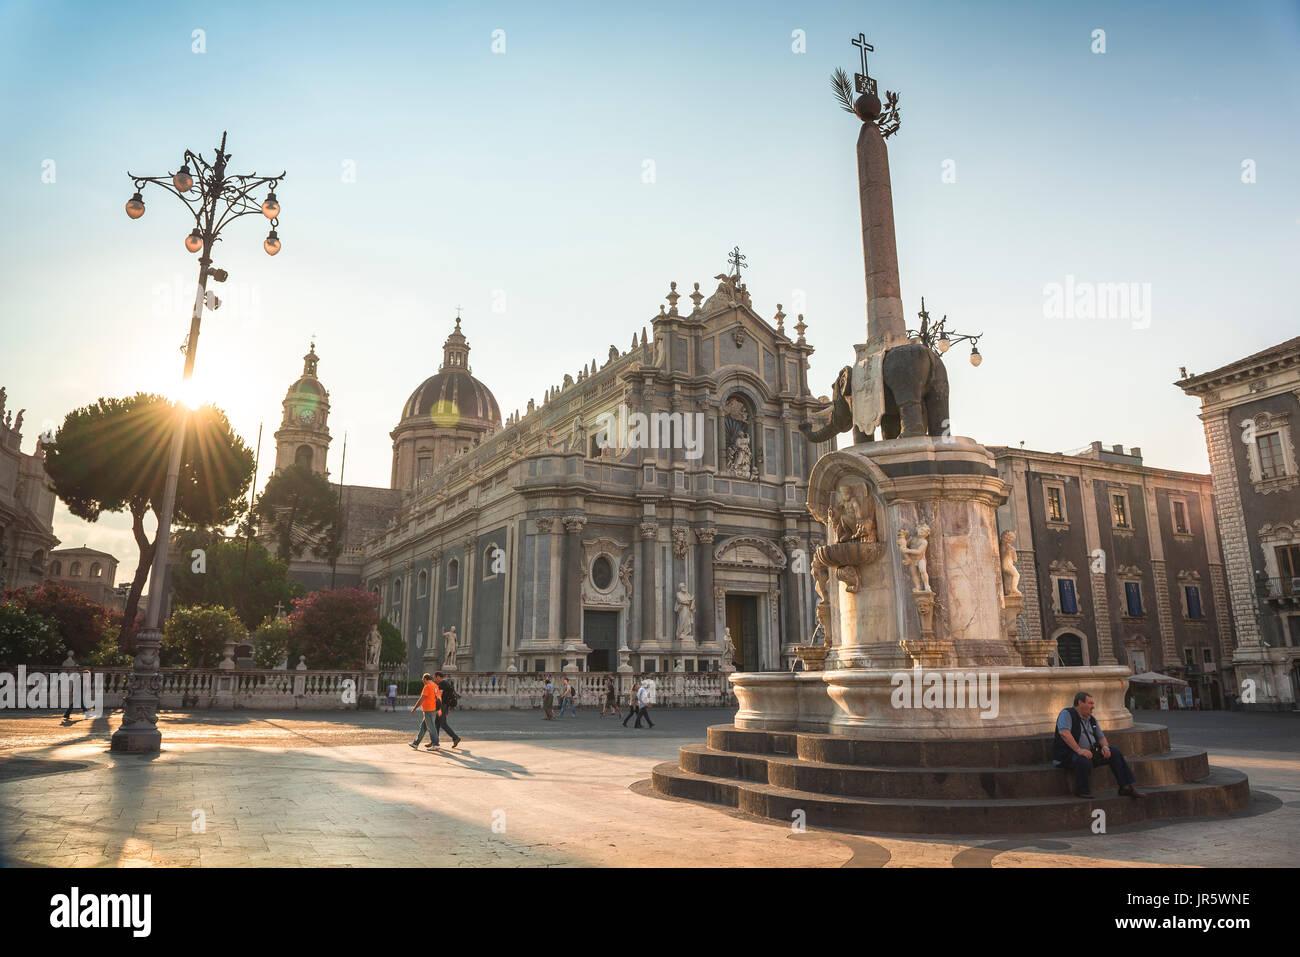 Catania Sizilien Piazza, der Piazza del Duomo mit dem Elefantenbrunnen (Fontana dell'Elefante) gelegen in der Mitte der Stadt Catania, Sizilien. Stockbild